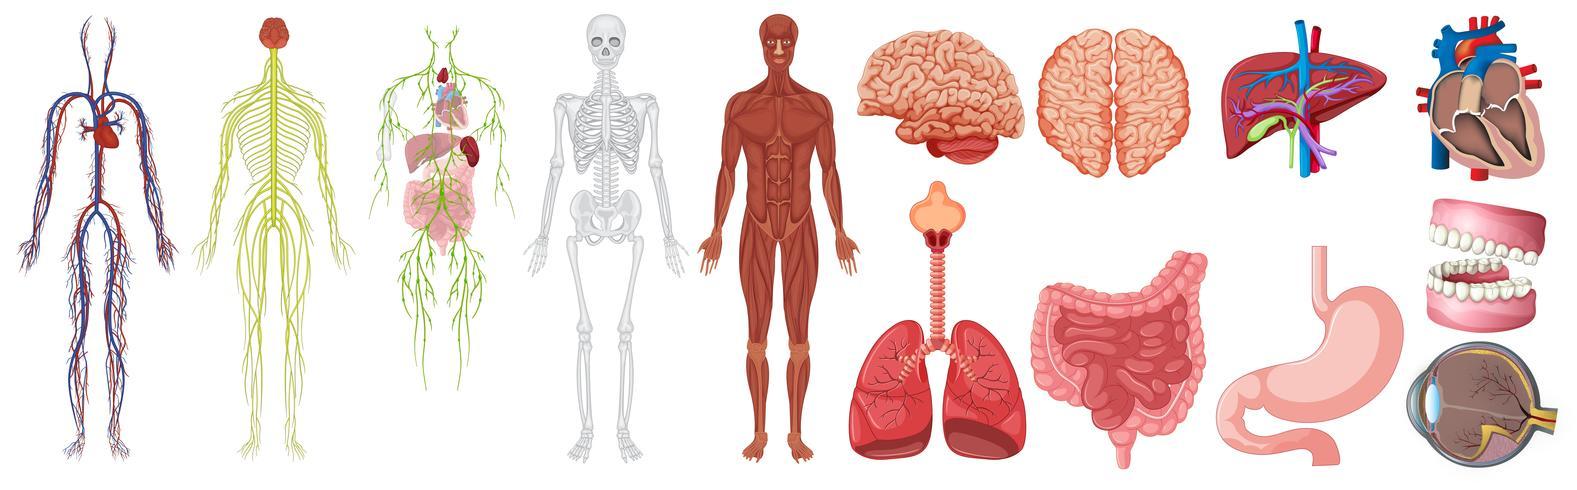 Conjunto de anatomía humana y sistemas. vector